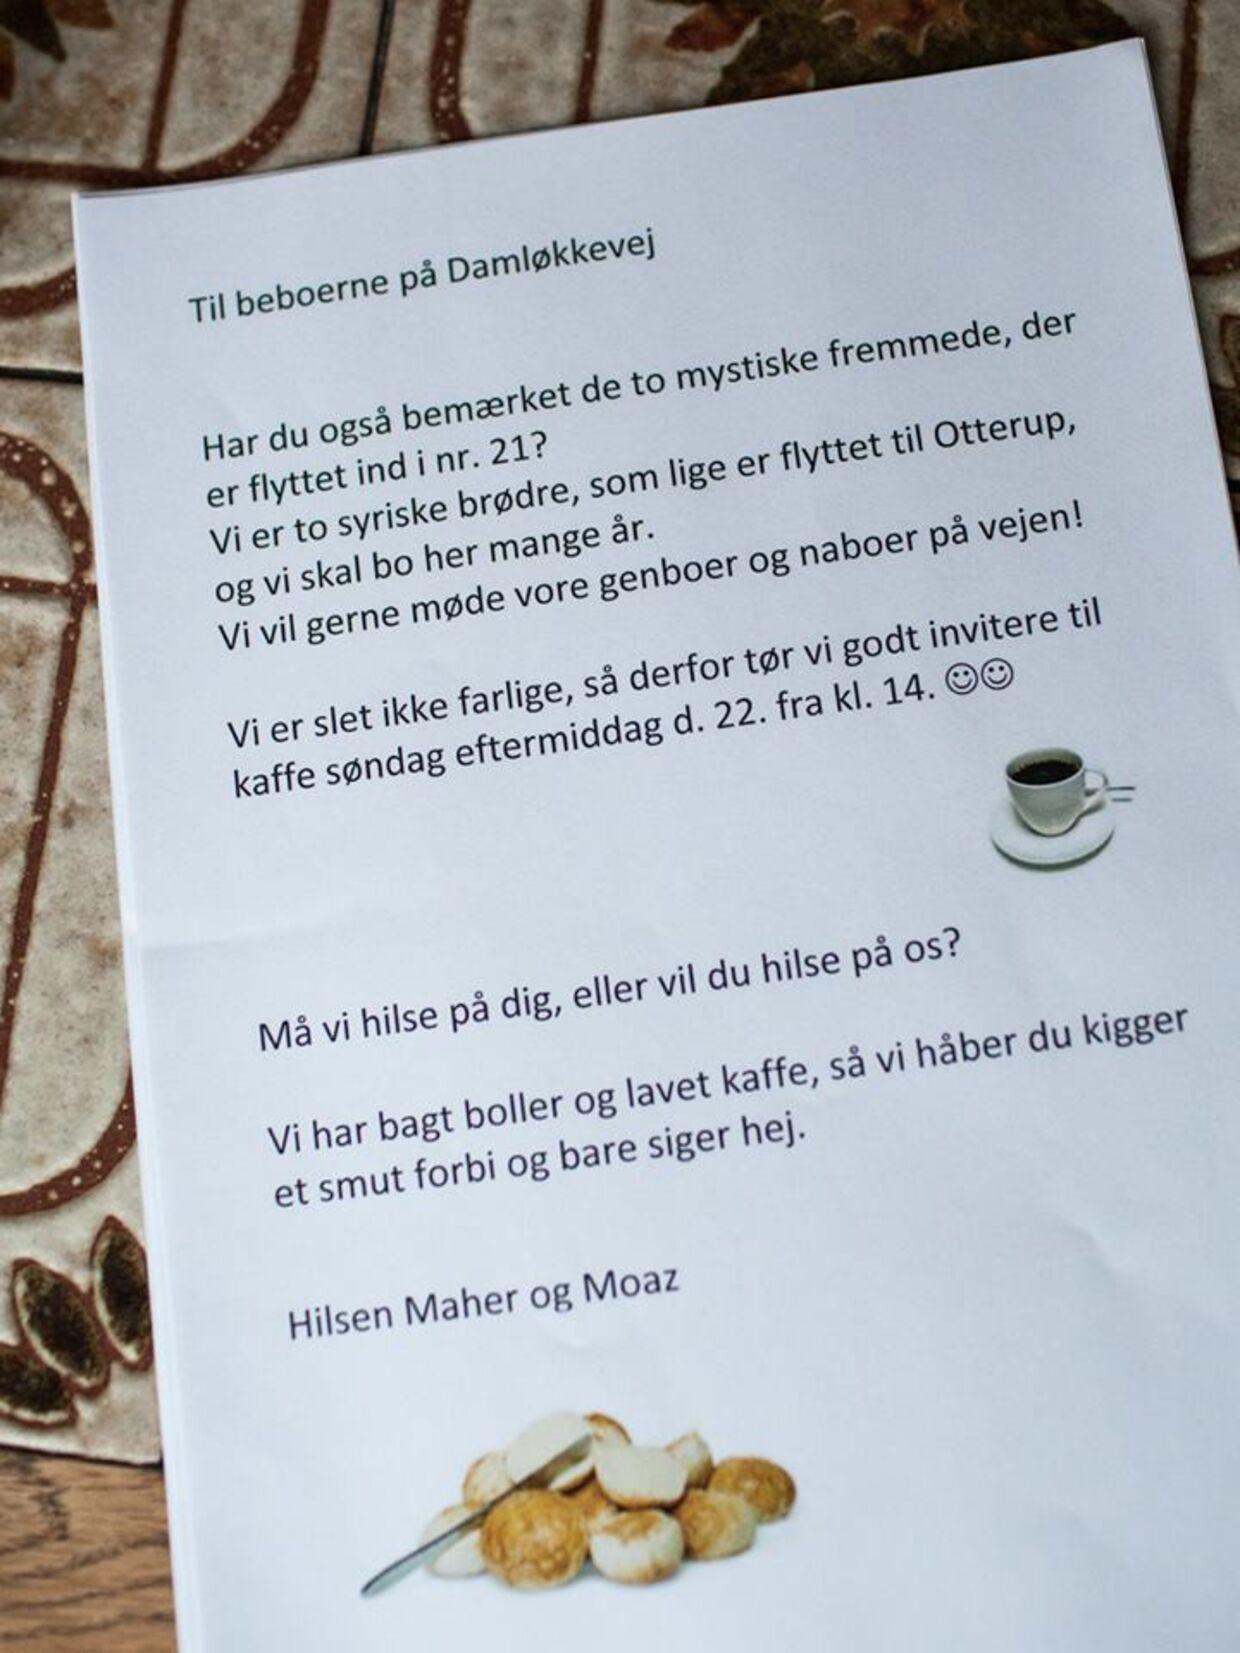 Maher og Moaz delte invitationen ud til alle deres nye naboer i Otterup på Fyn. Mange af dem kom forbi for at hilse på brødrene.